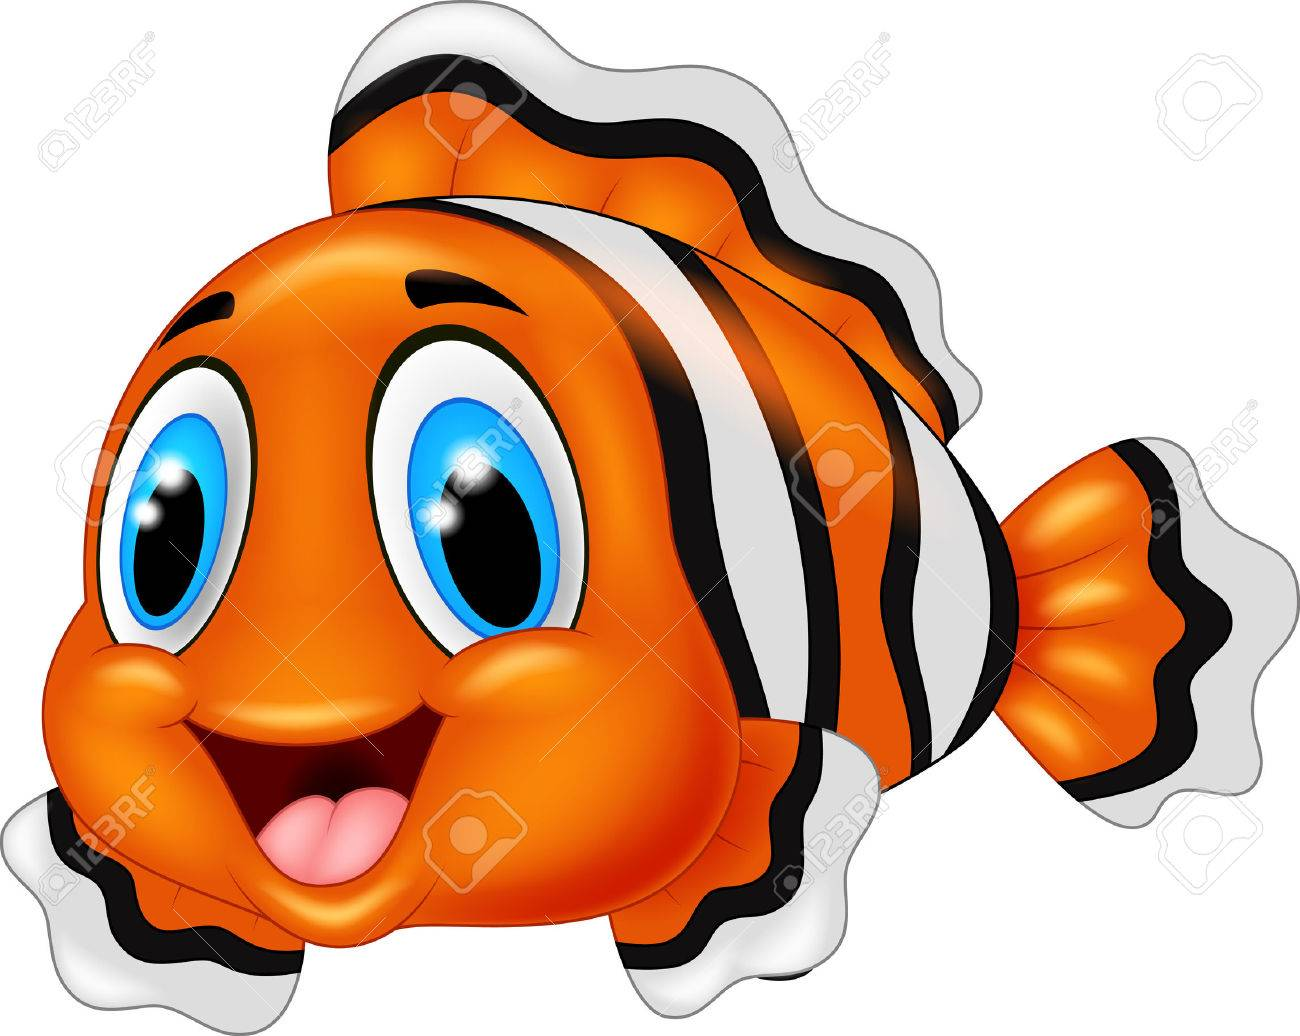 Cute clown fish cartoon posing - 45092713